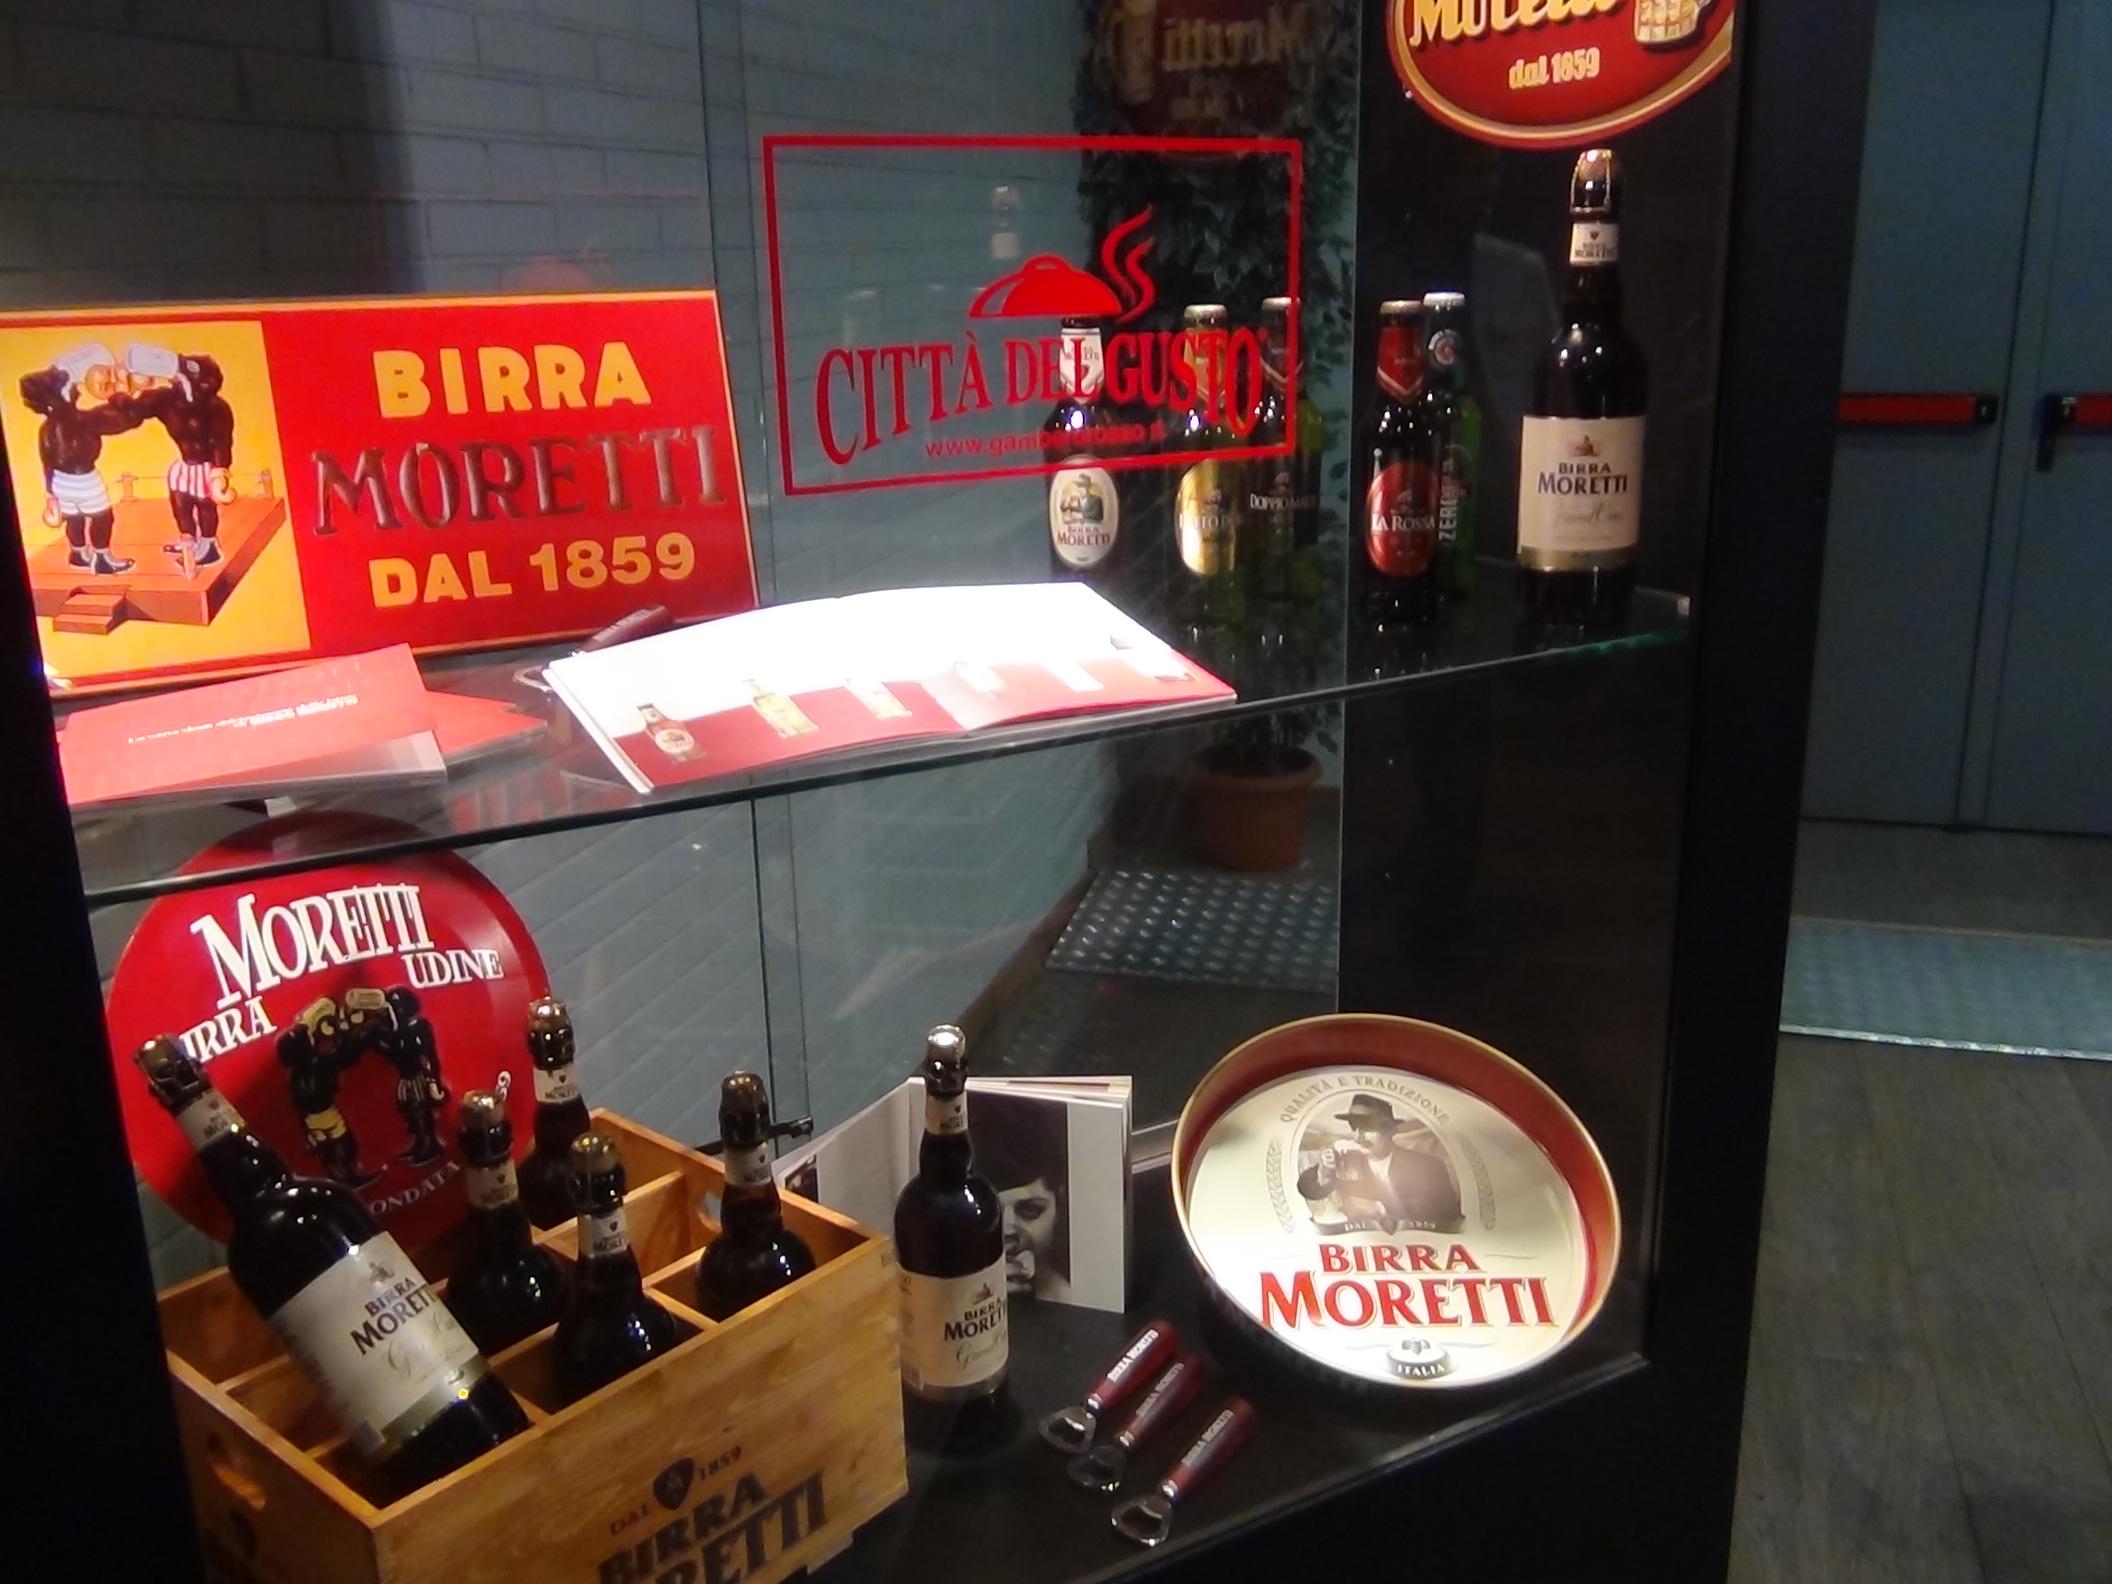 Birra moretti e gambero rosso una partnership da gustare - Corsi cucina roma gambero rosso ...